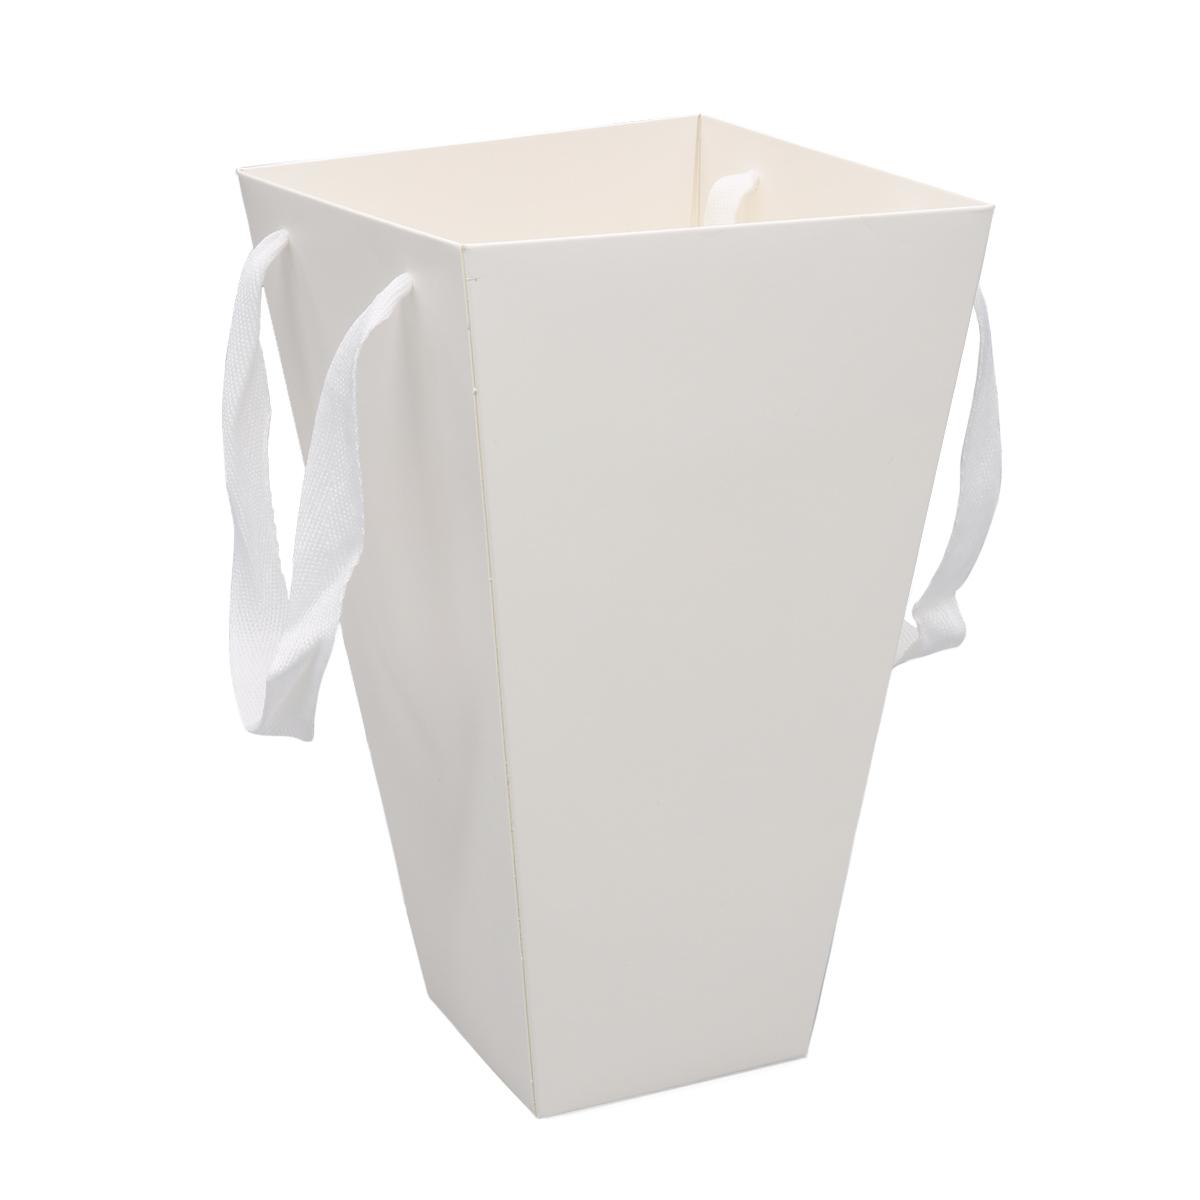 51996 Плайм пакет для цветов трапеция H27 D15/9 белый